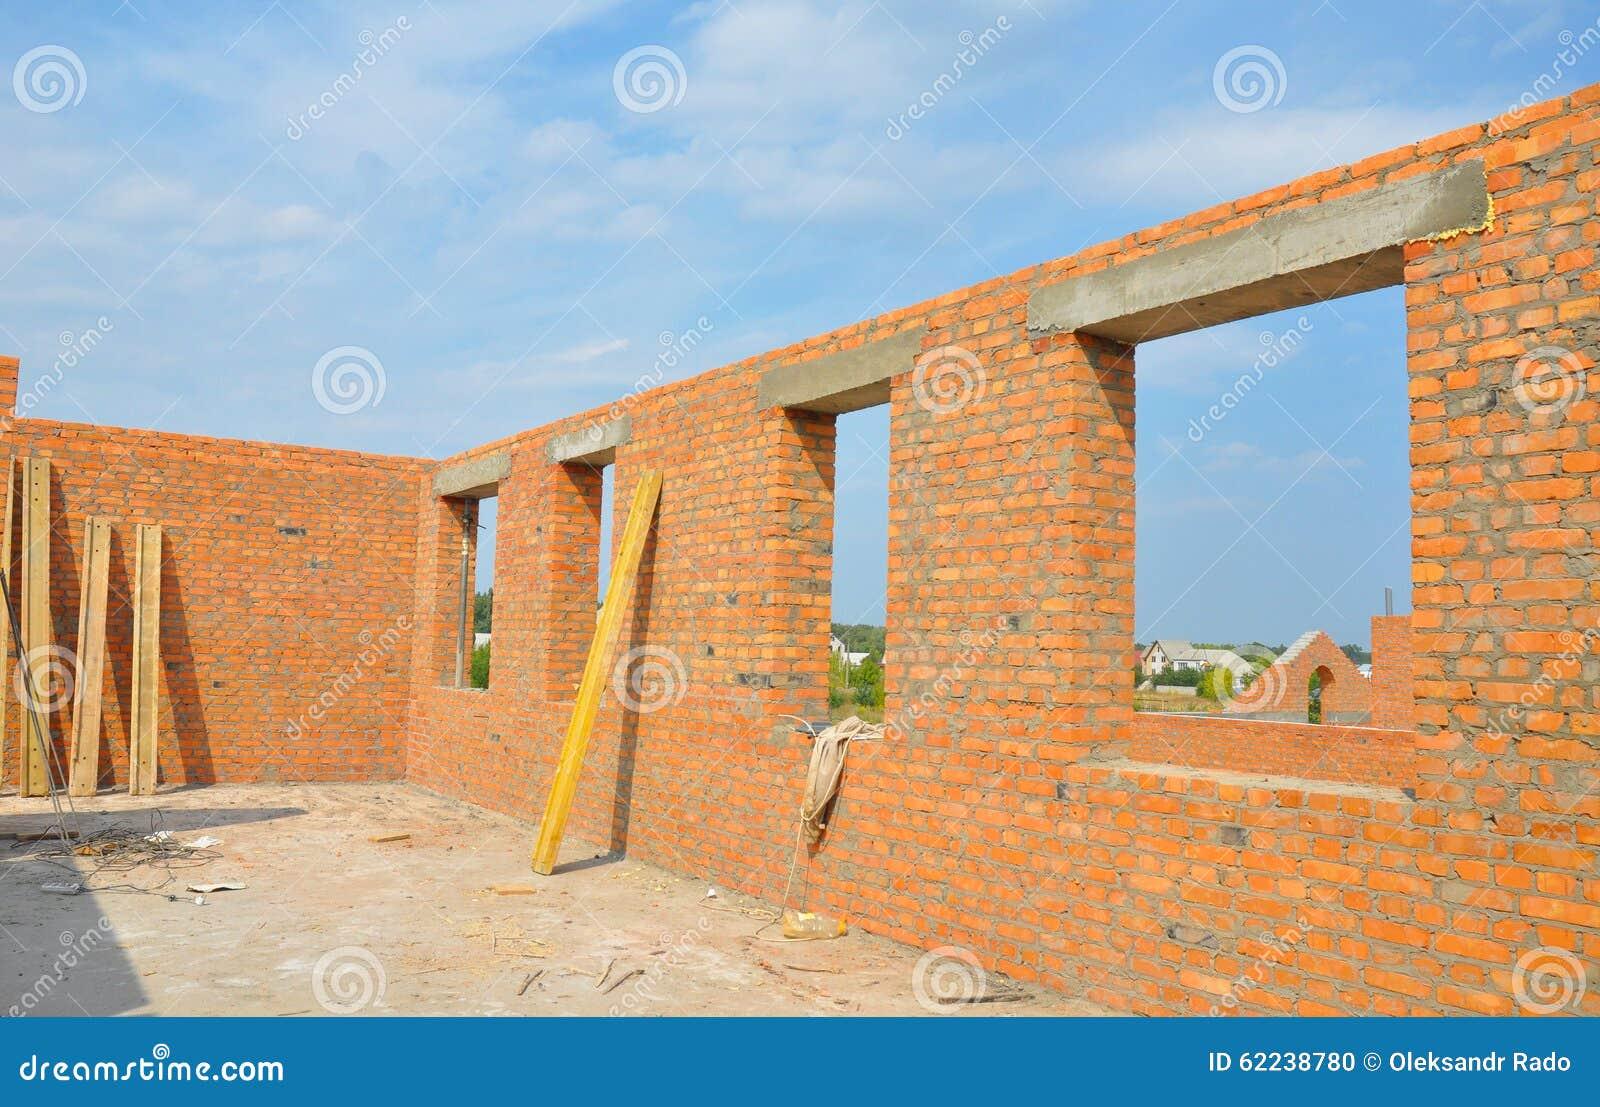 Fabulous Innenraum Von Hausmauern Eines Unfertigen Roten Backsteins Im Bau JN12